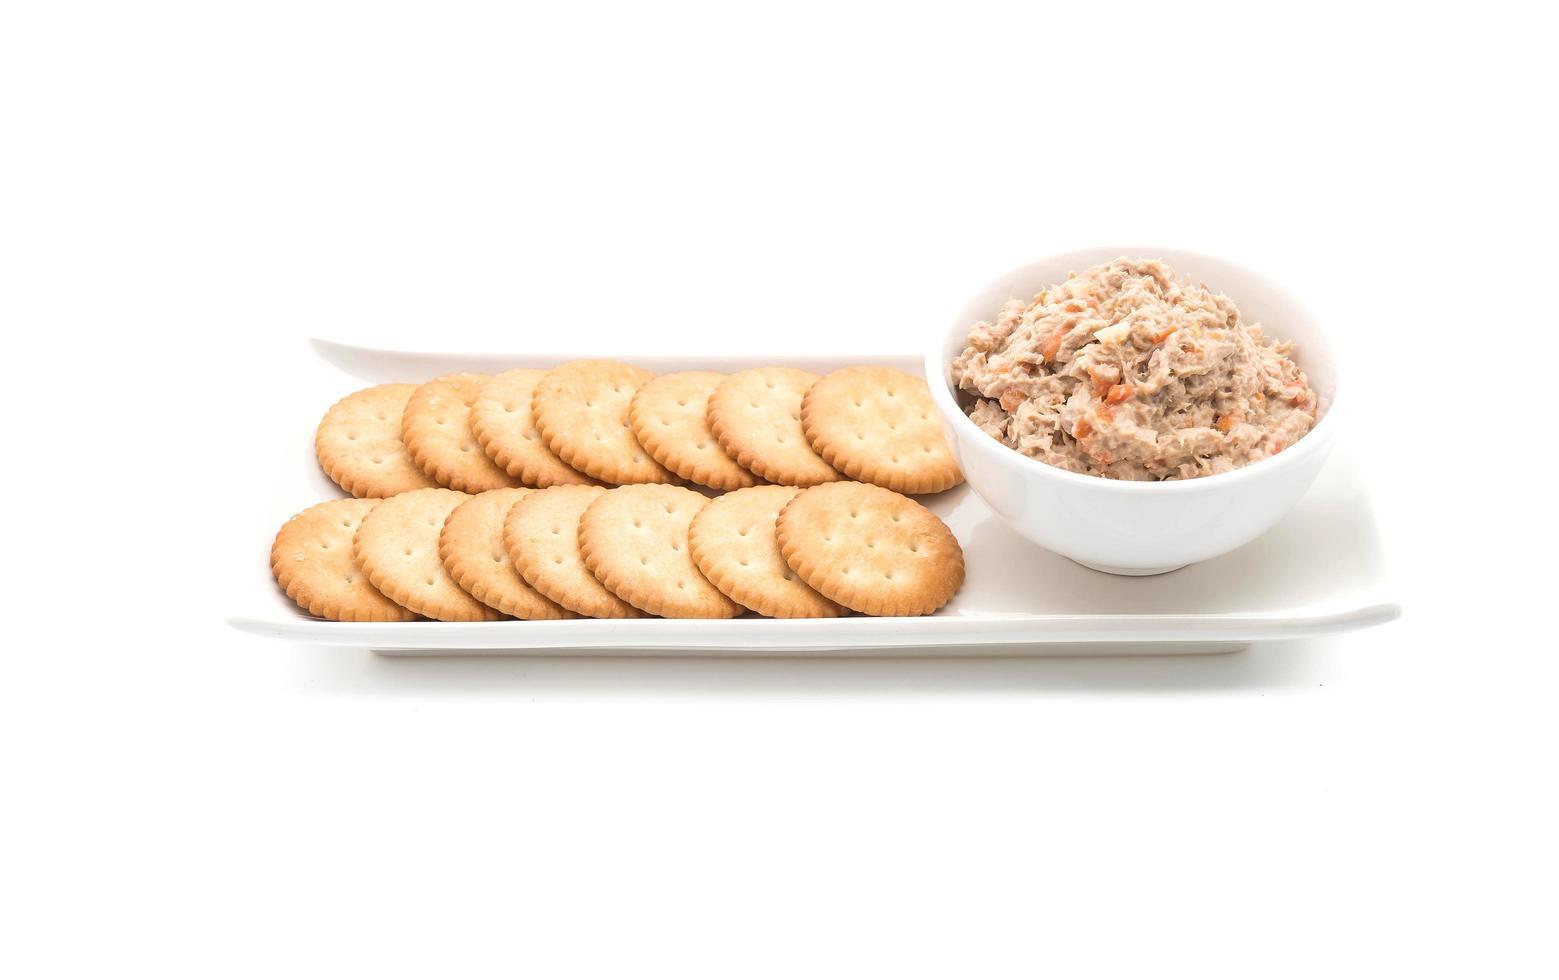 ensalada de atún con galleta foto